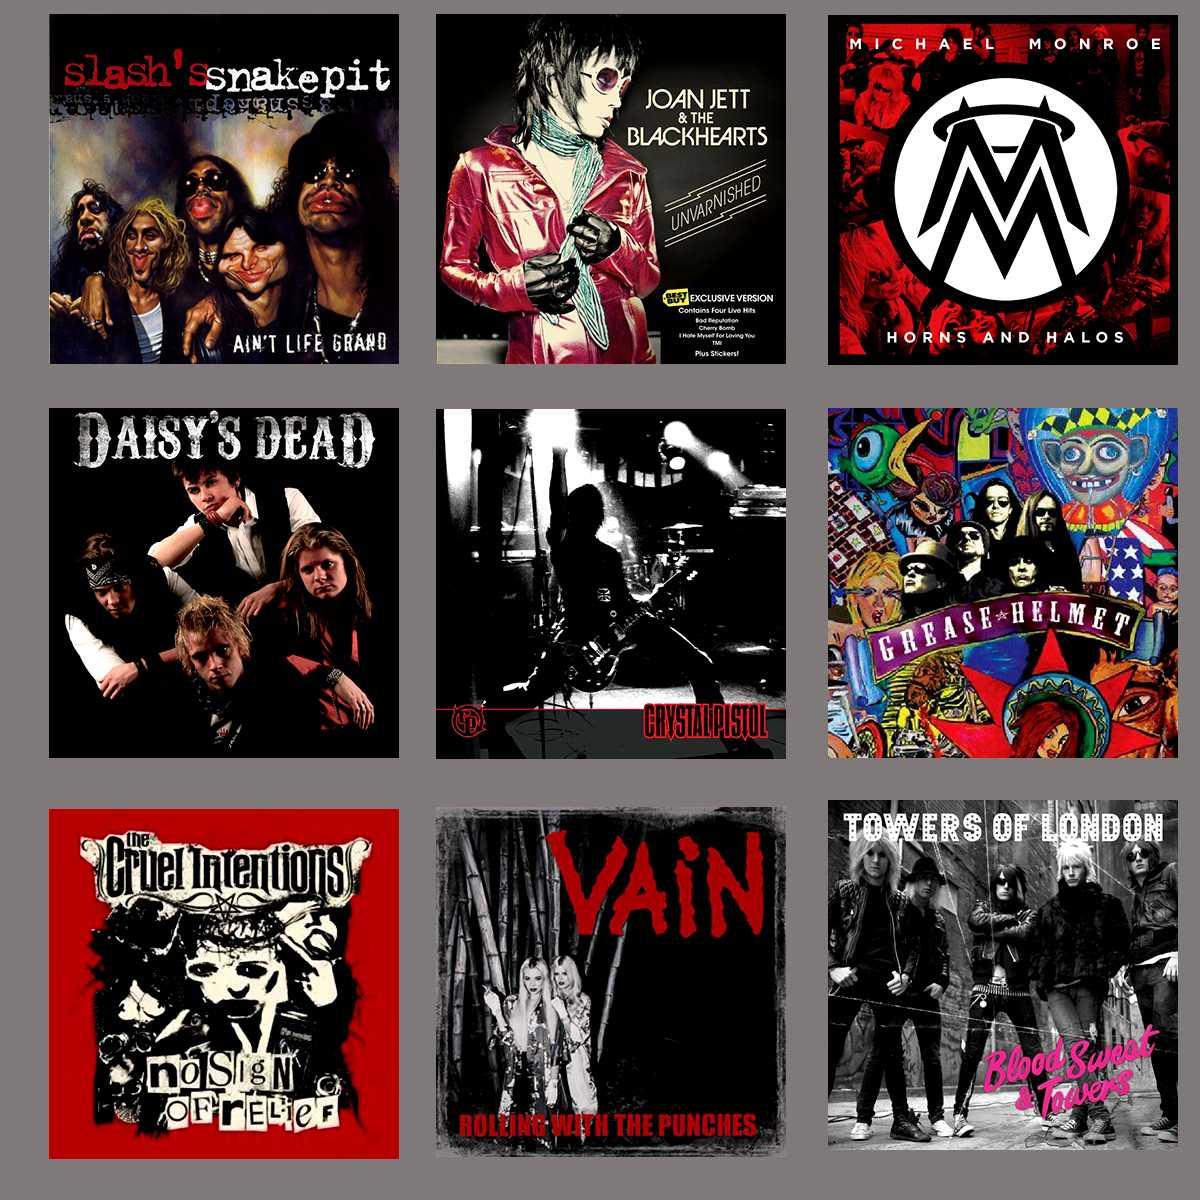 10 discos de Hard, Glam y Sleaze del siglo 21 - Página 2 Del%2B2%2Bal%2B10